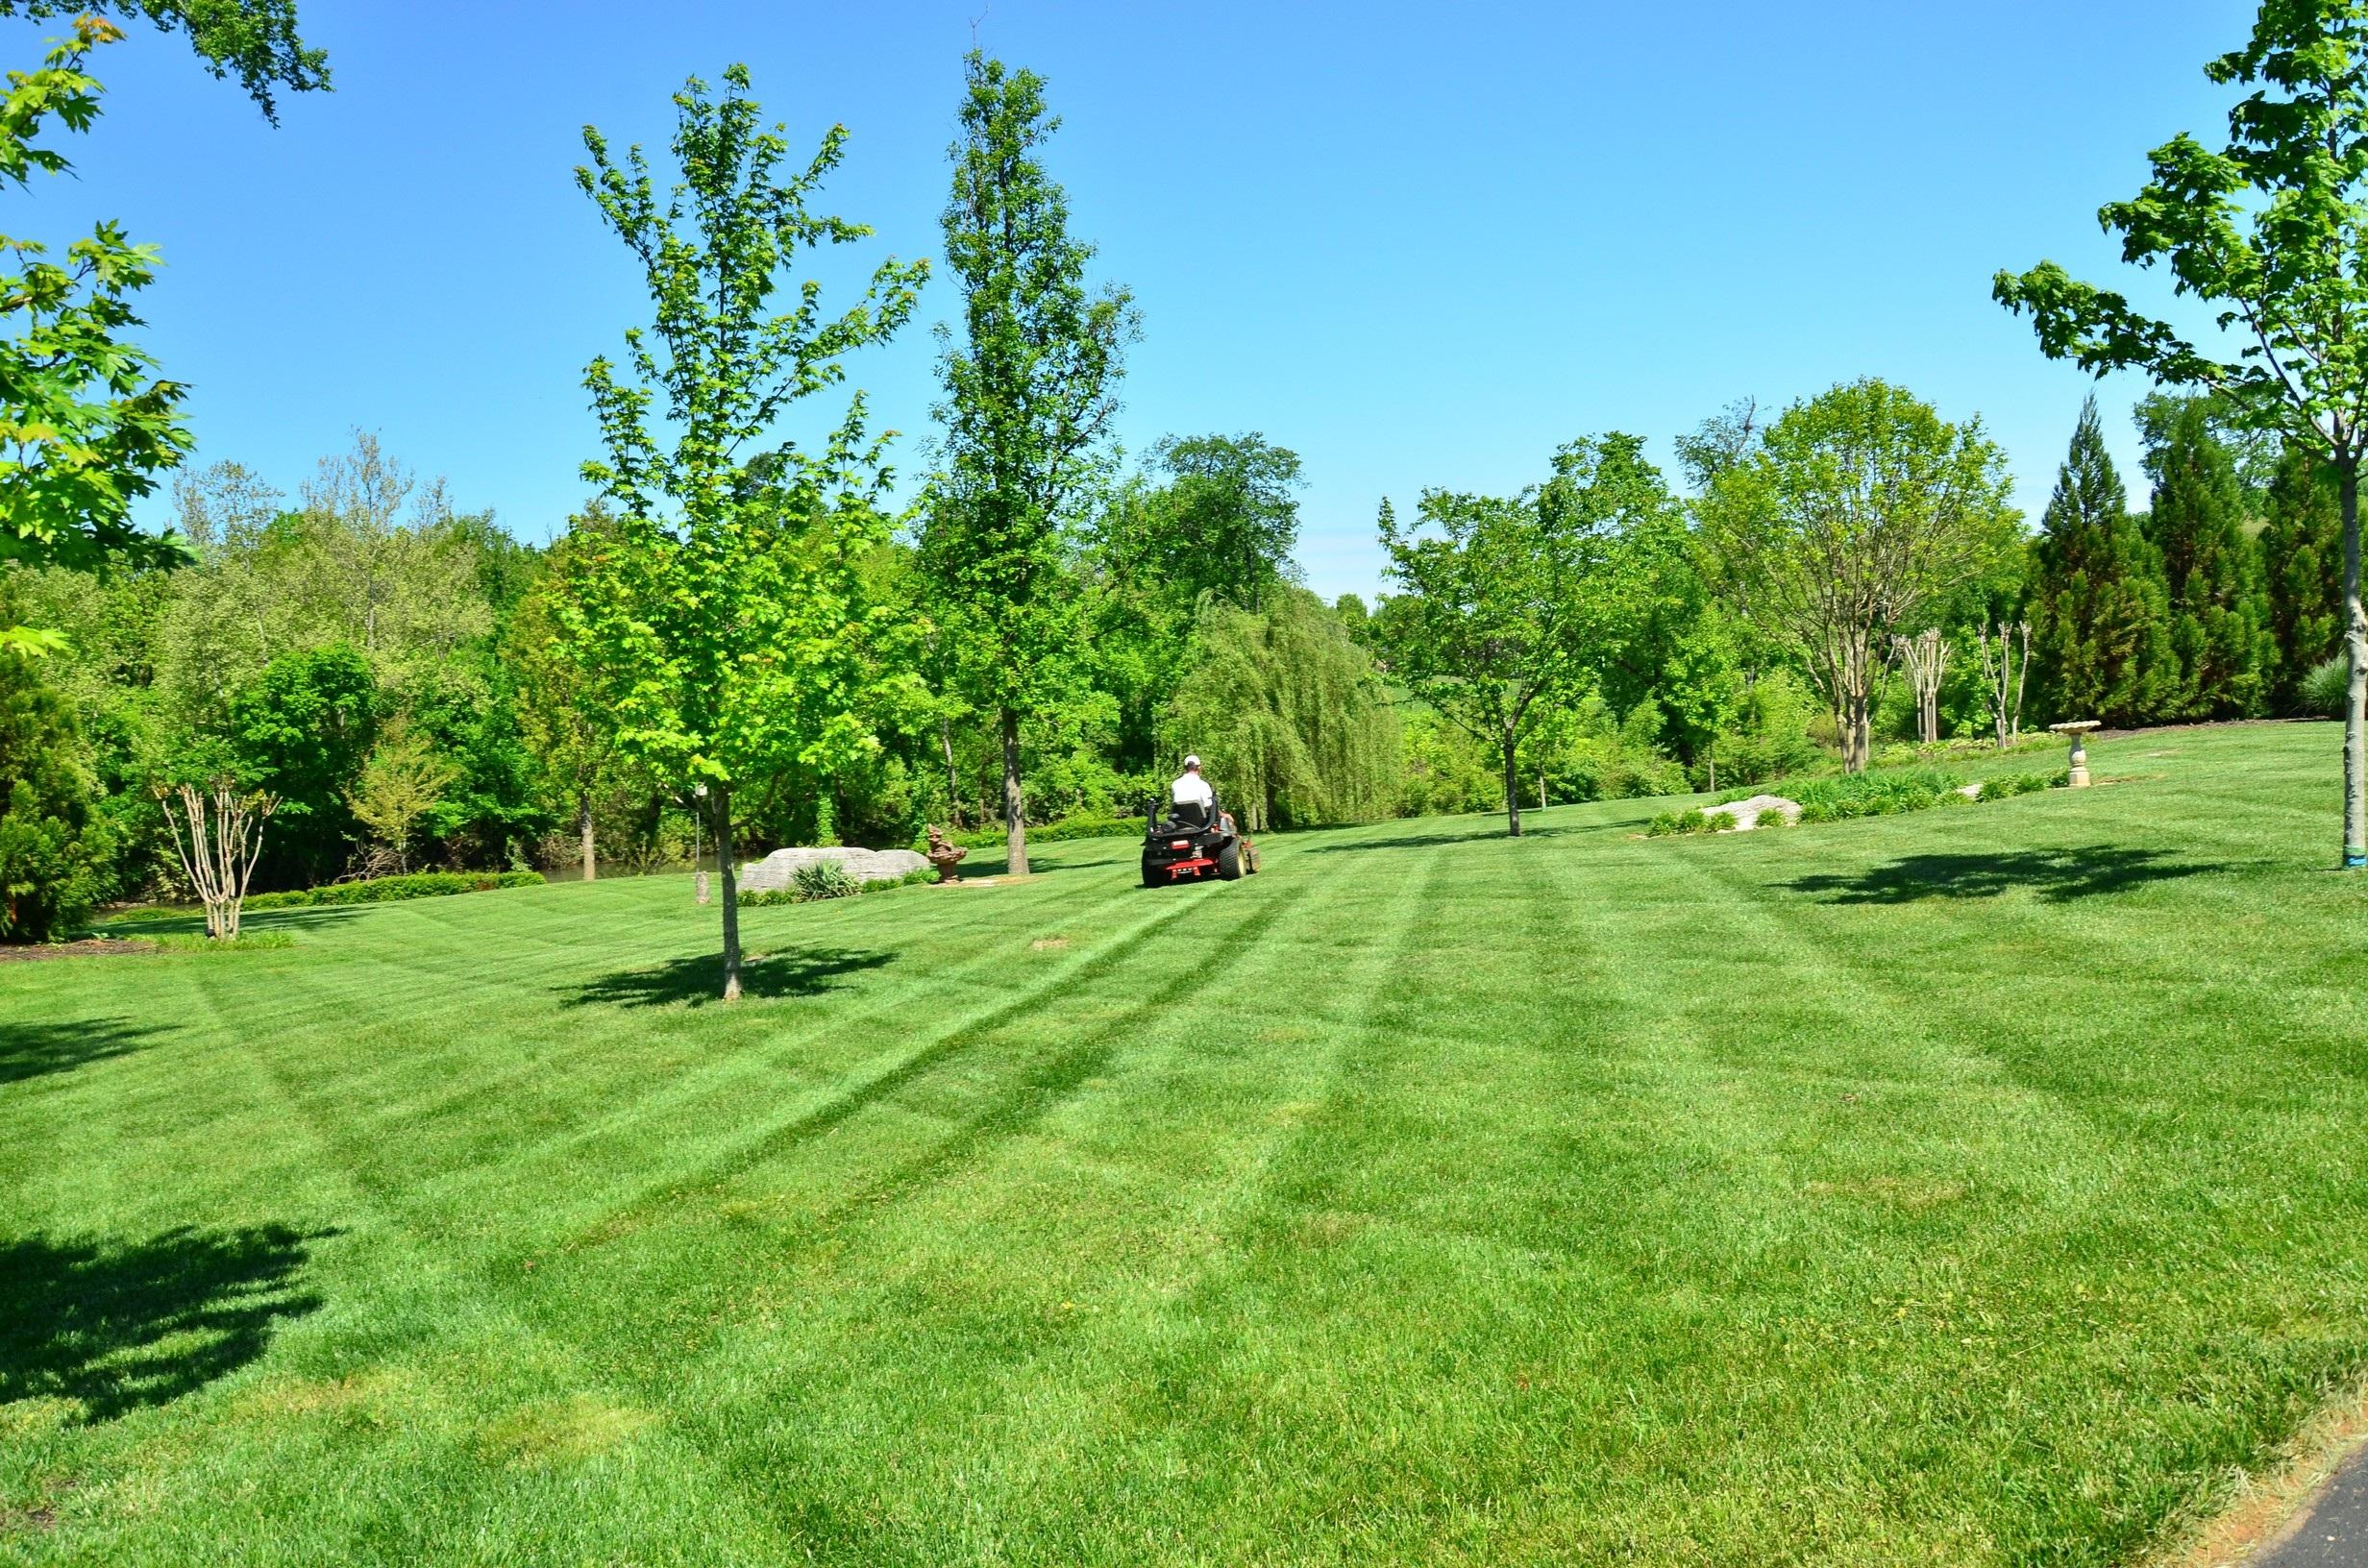 lawn-care-643557